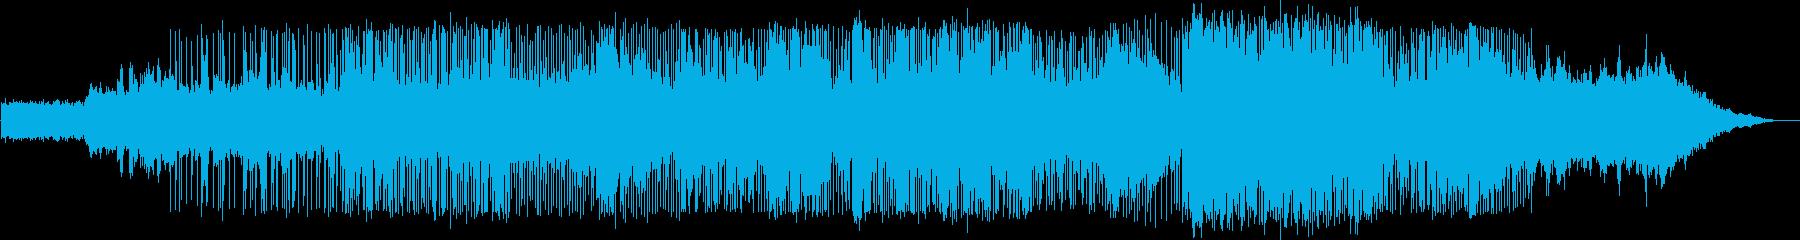 不思議でアンビエントなエレクトロの再生済みの波形